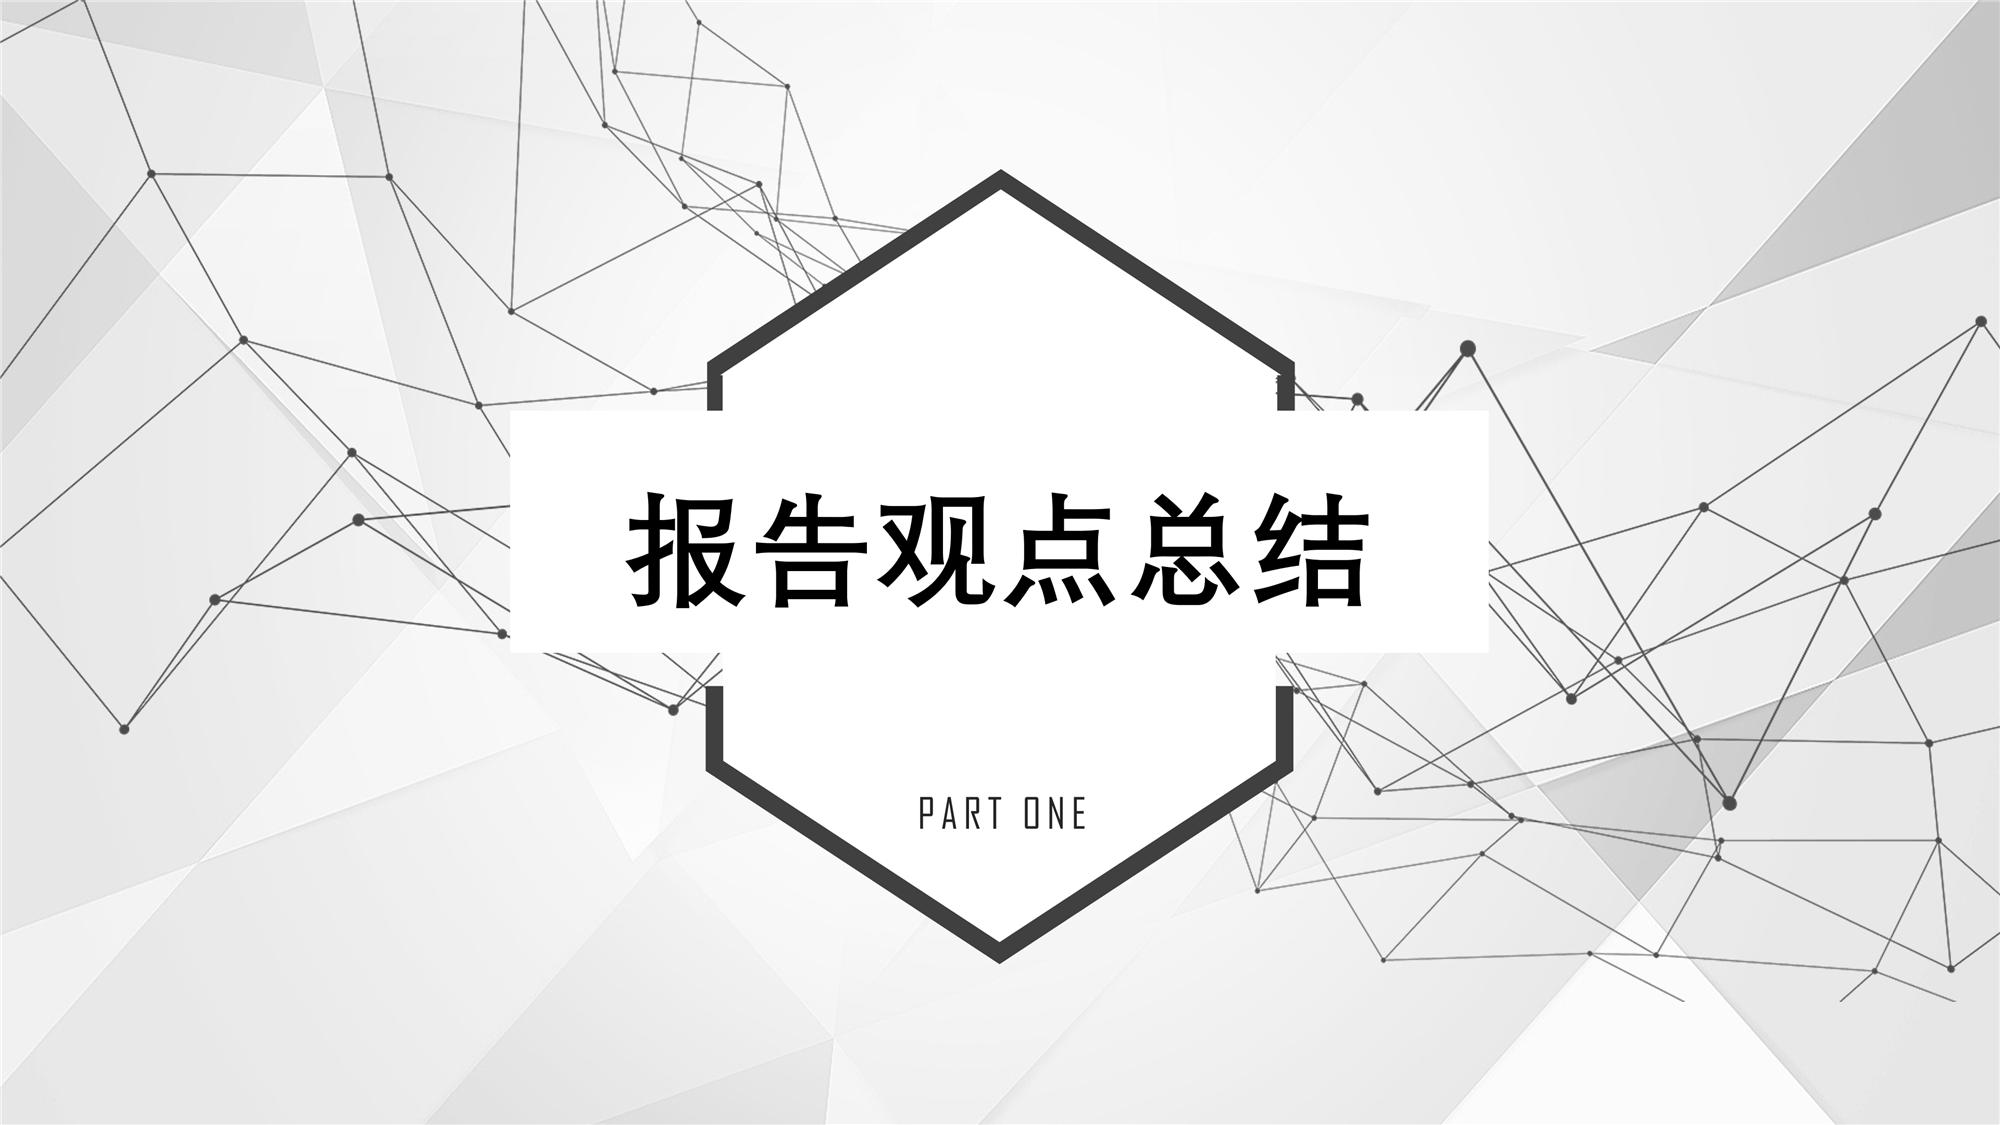 联想笔记本本竞品分析(郭强)_36.png